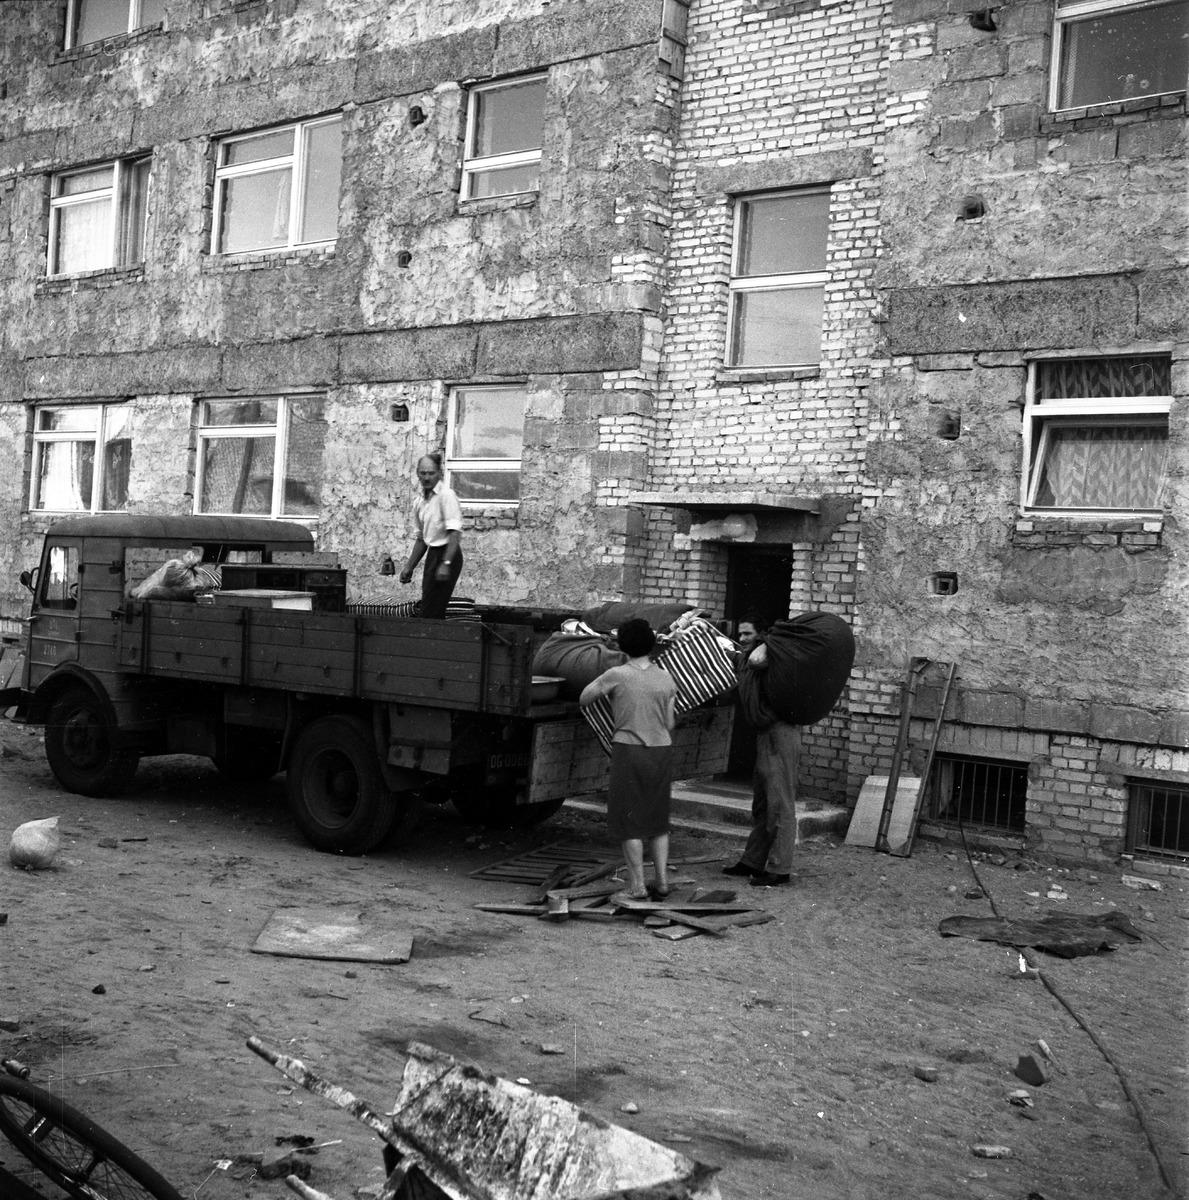 Blok przy ul. Kościuszki - prace wykończeniowe [3]